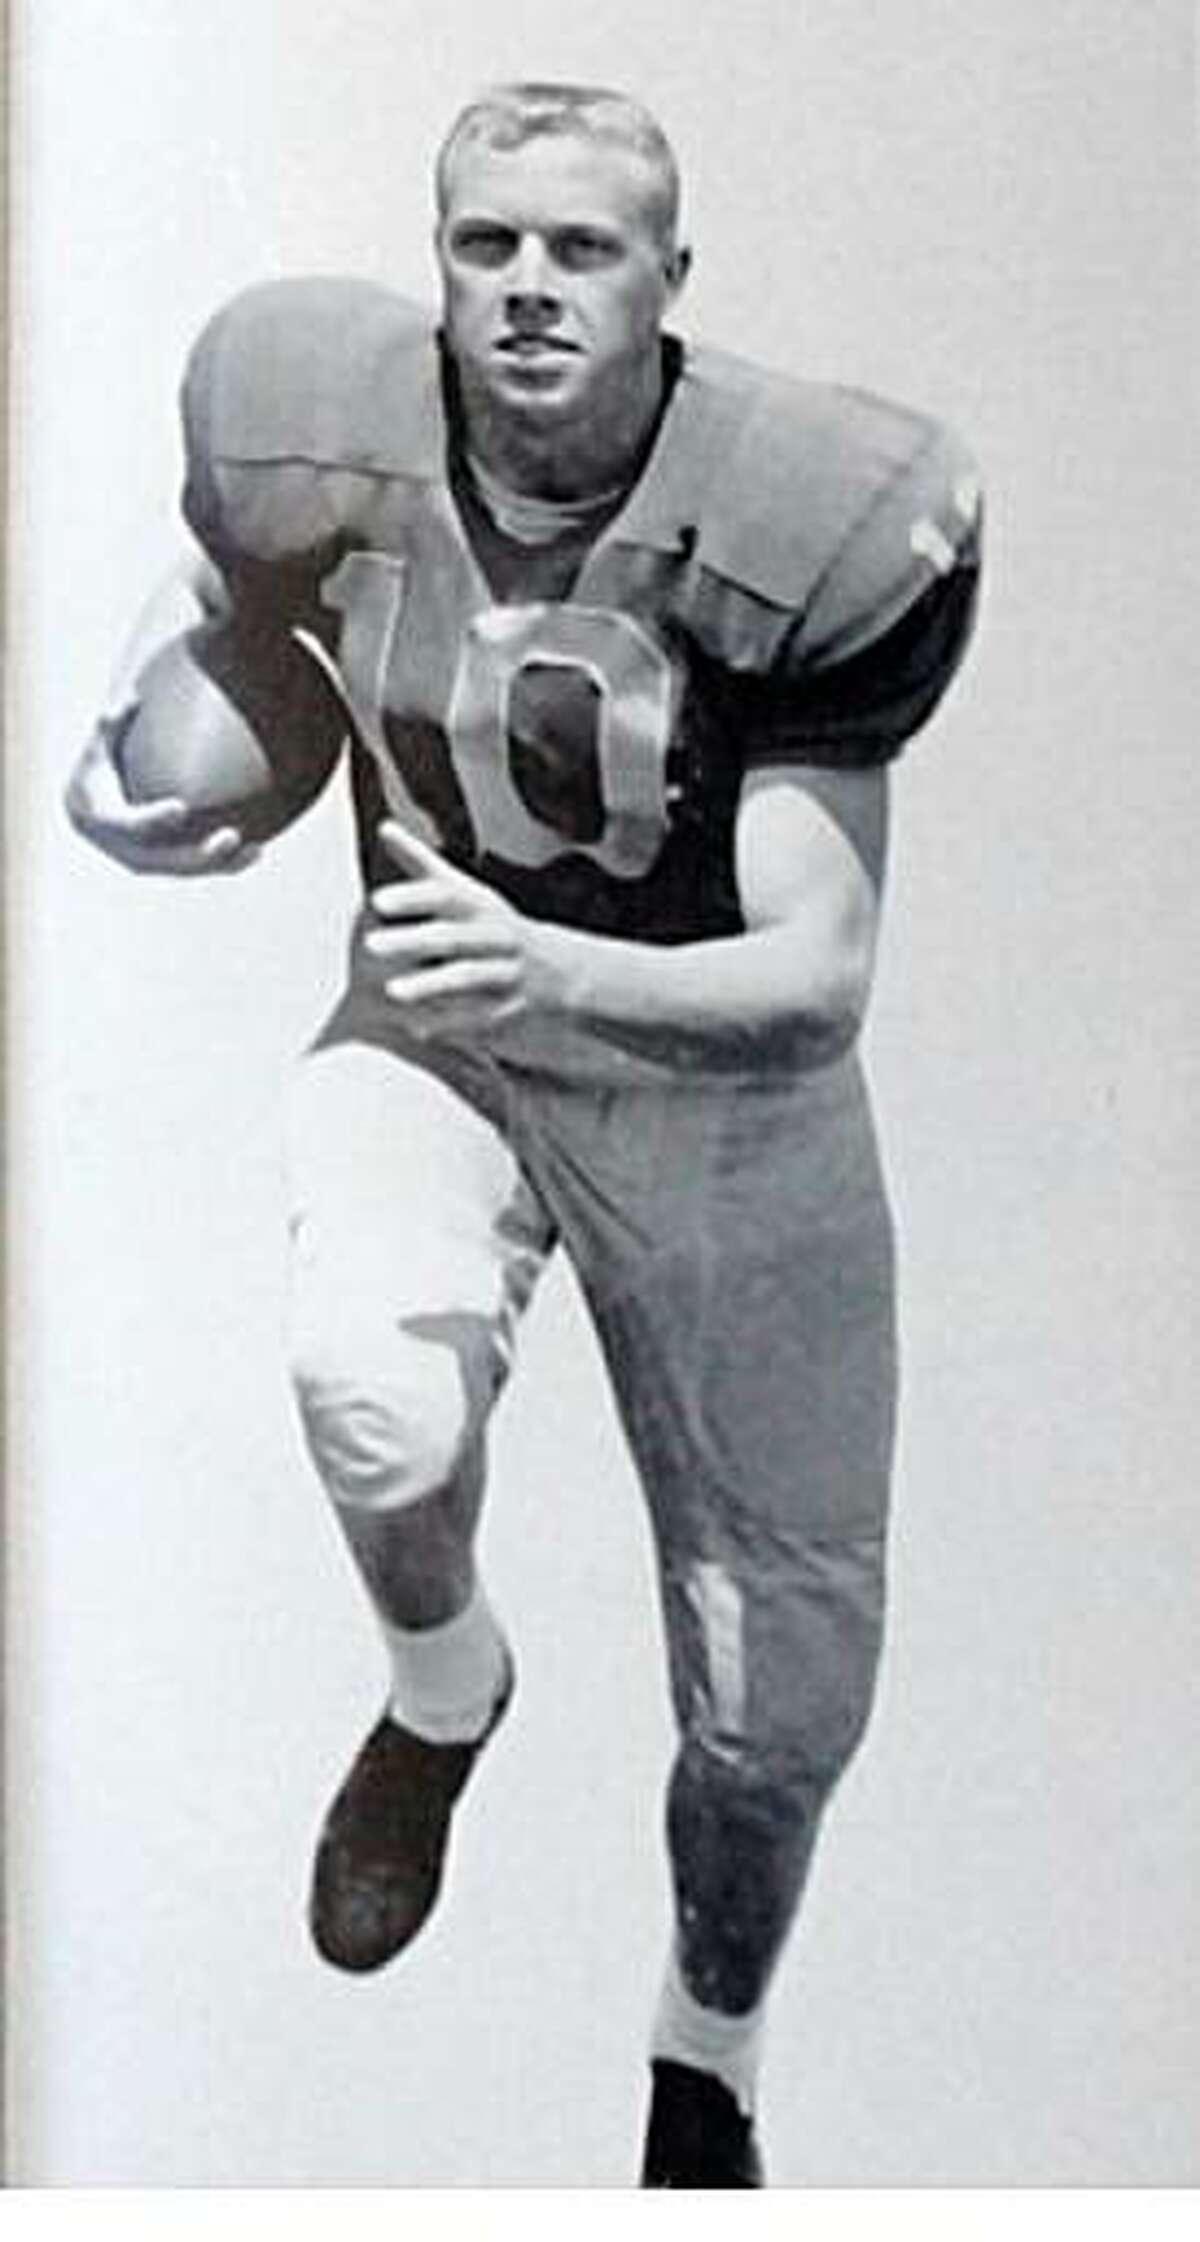 1958 rose bowl teamBill Patton, Fullback